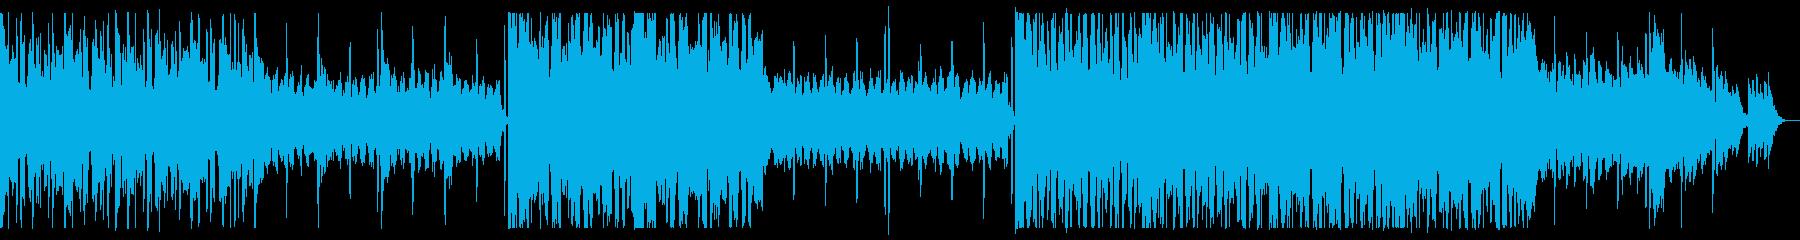 開放感溢れるチルエレクトロの再生済みの波形